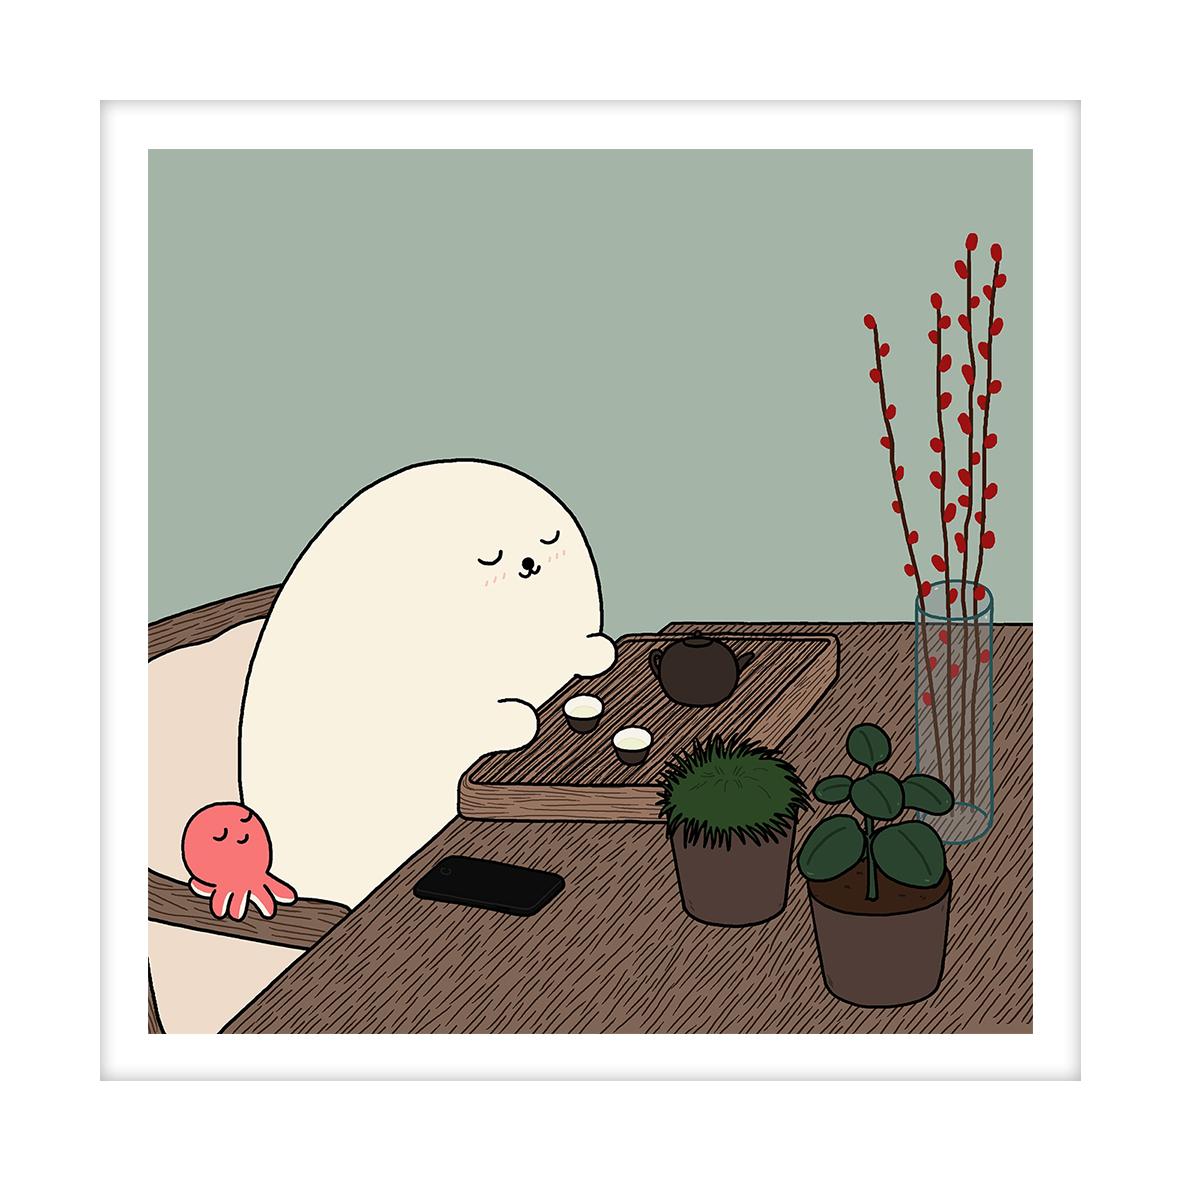 【王XX官方限量版画】小海豹系列|喝茶